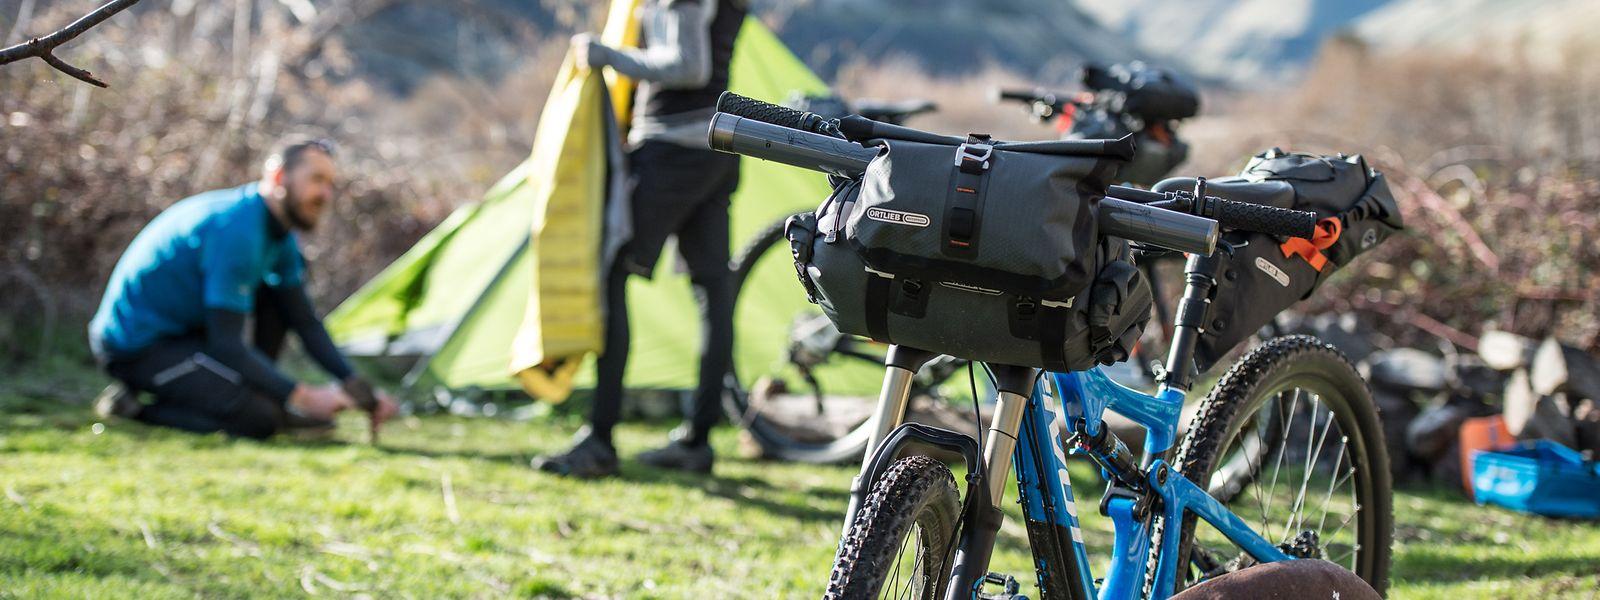 Organisationstalente: Wer auf der Radreise auch noch das eigene Zelt mitnehmen will, muss die Transportmöglichkeiten optimal ausschöpfen.